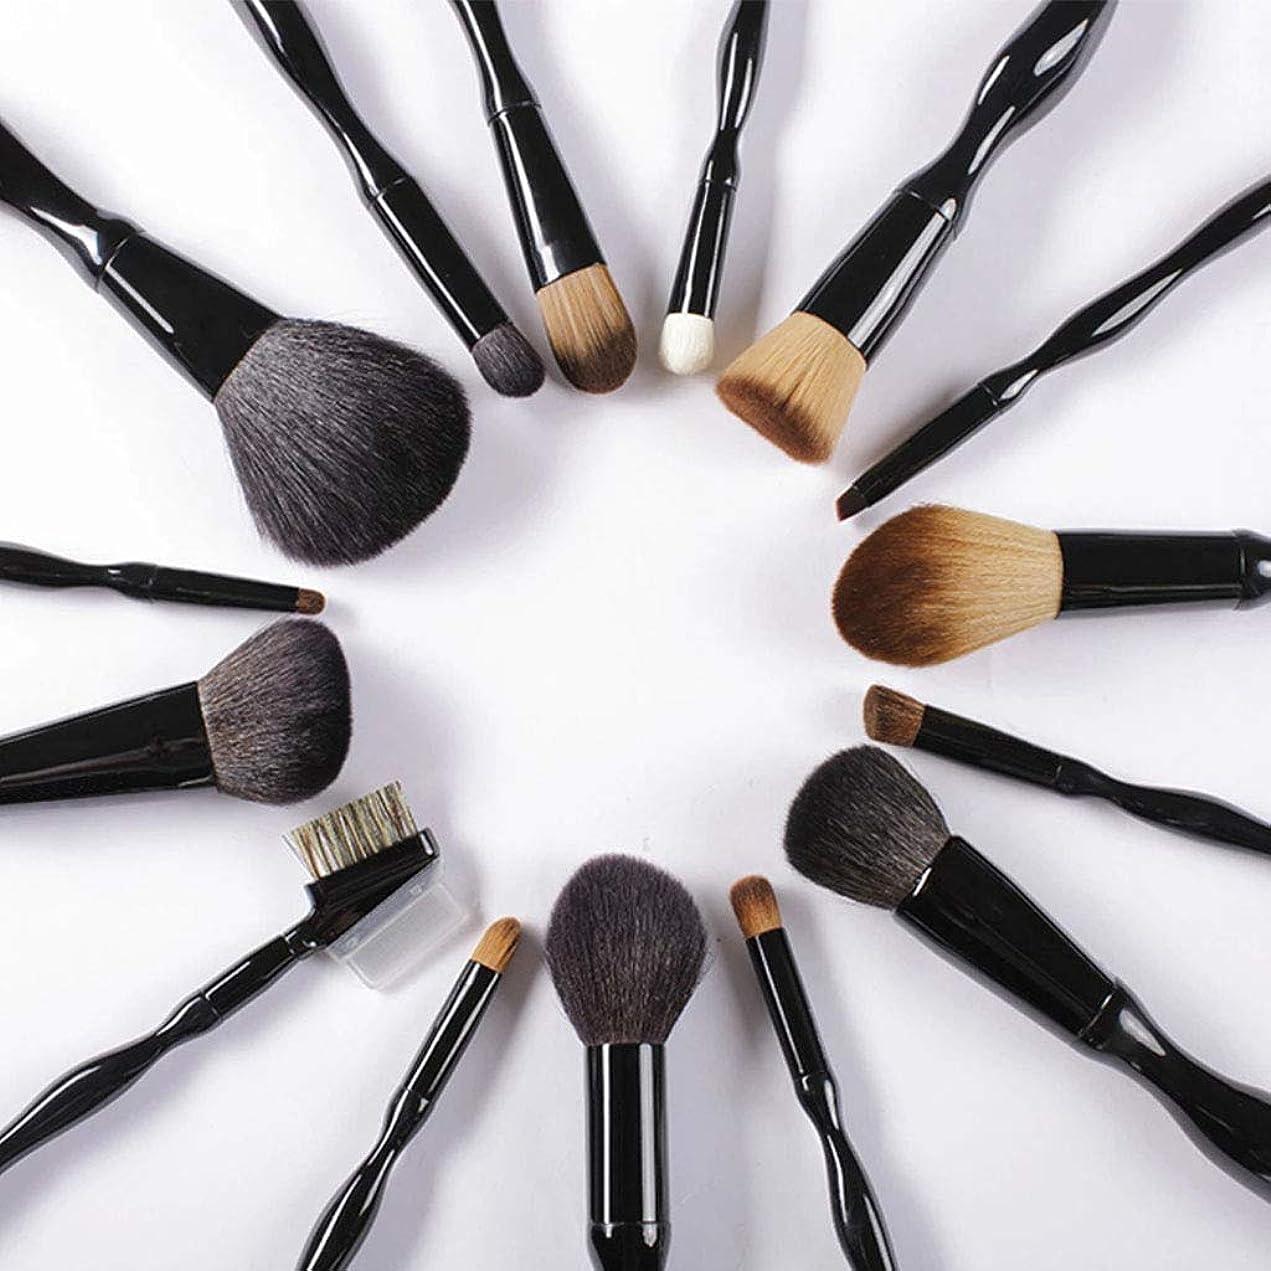 にはまって尽きる恵み15化粧ブラシボディカーブファンデーションブラシ化粧ブラシ美容ツール